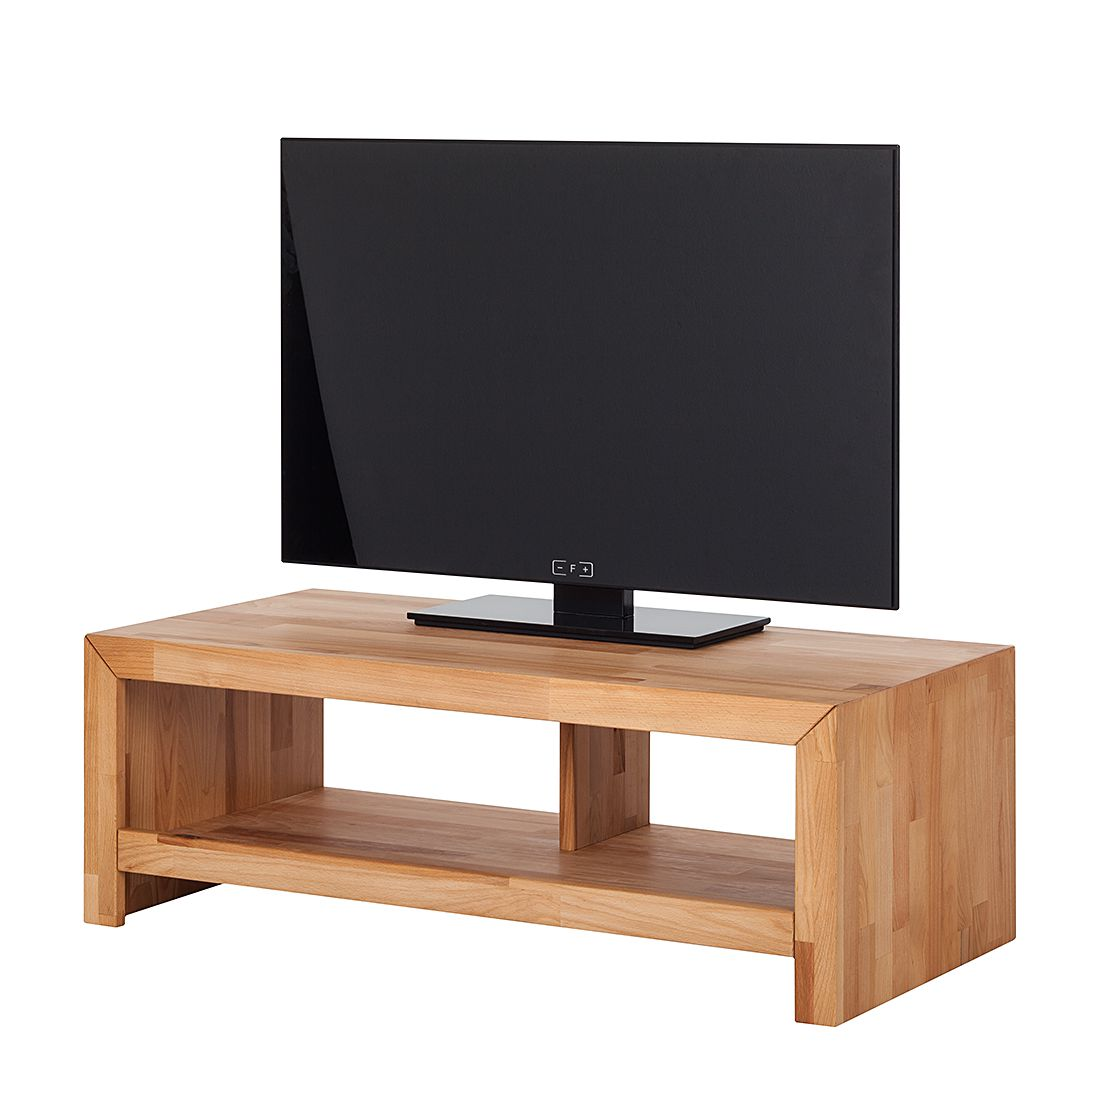 Supporto tv kirea i - legno massello di faggio Mobile TV KireaWOOD I - Durame di faggio, Ars Natura